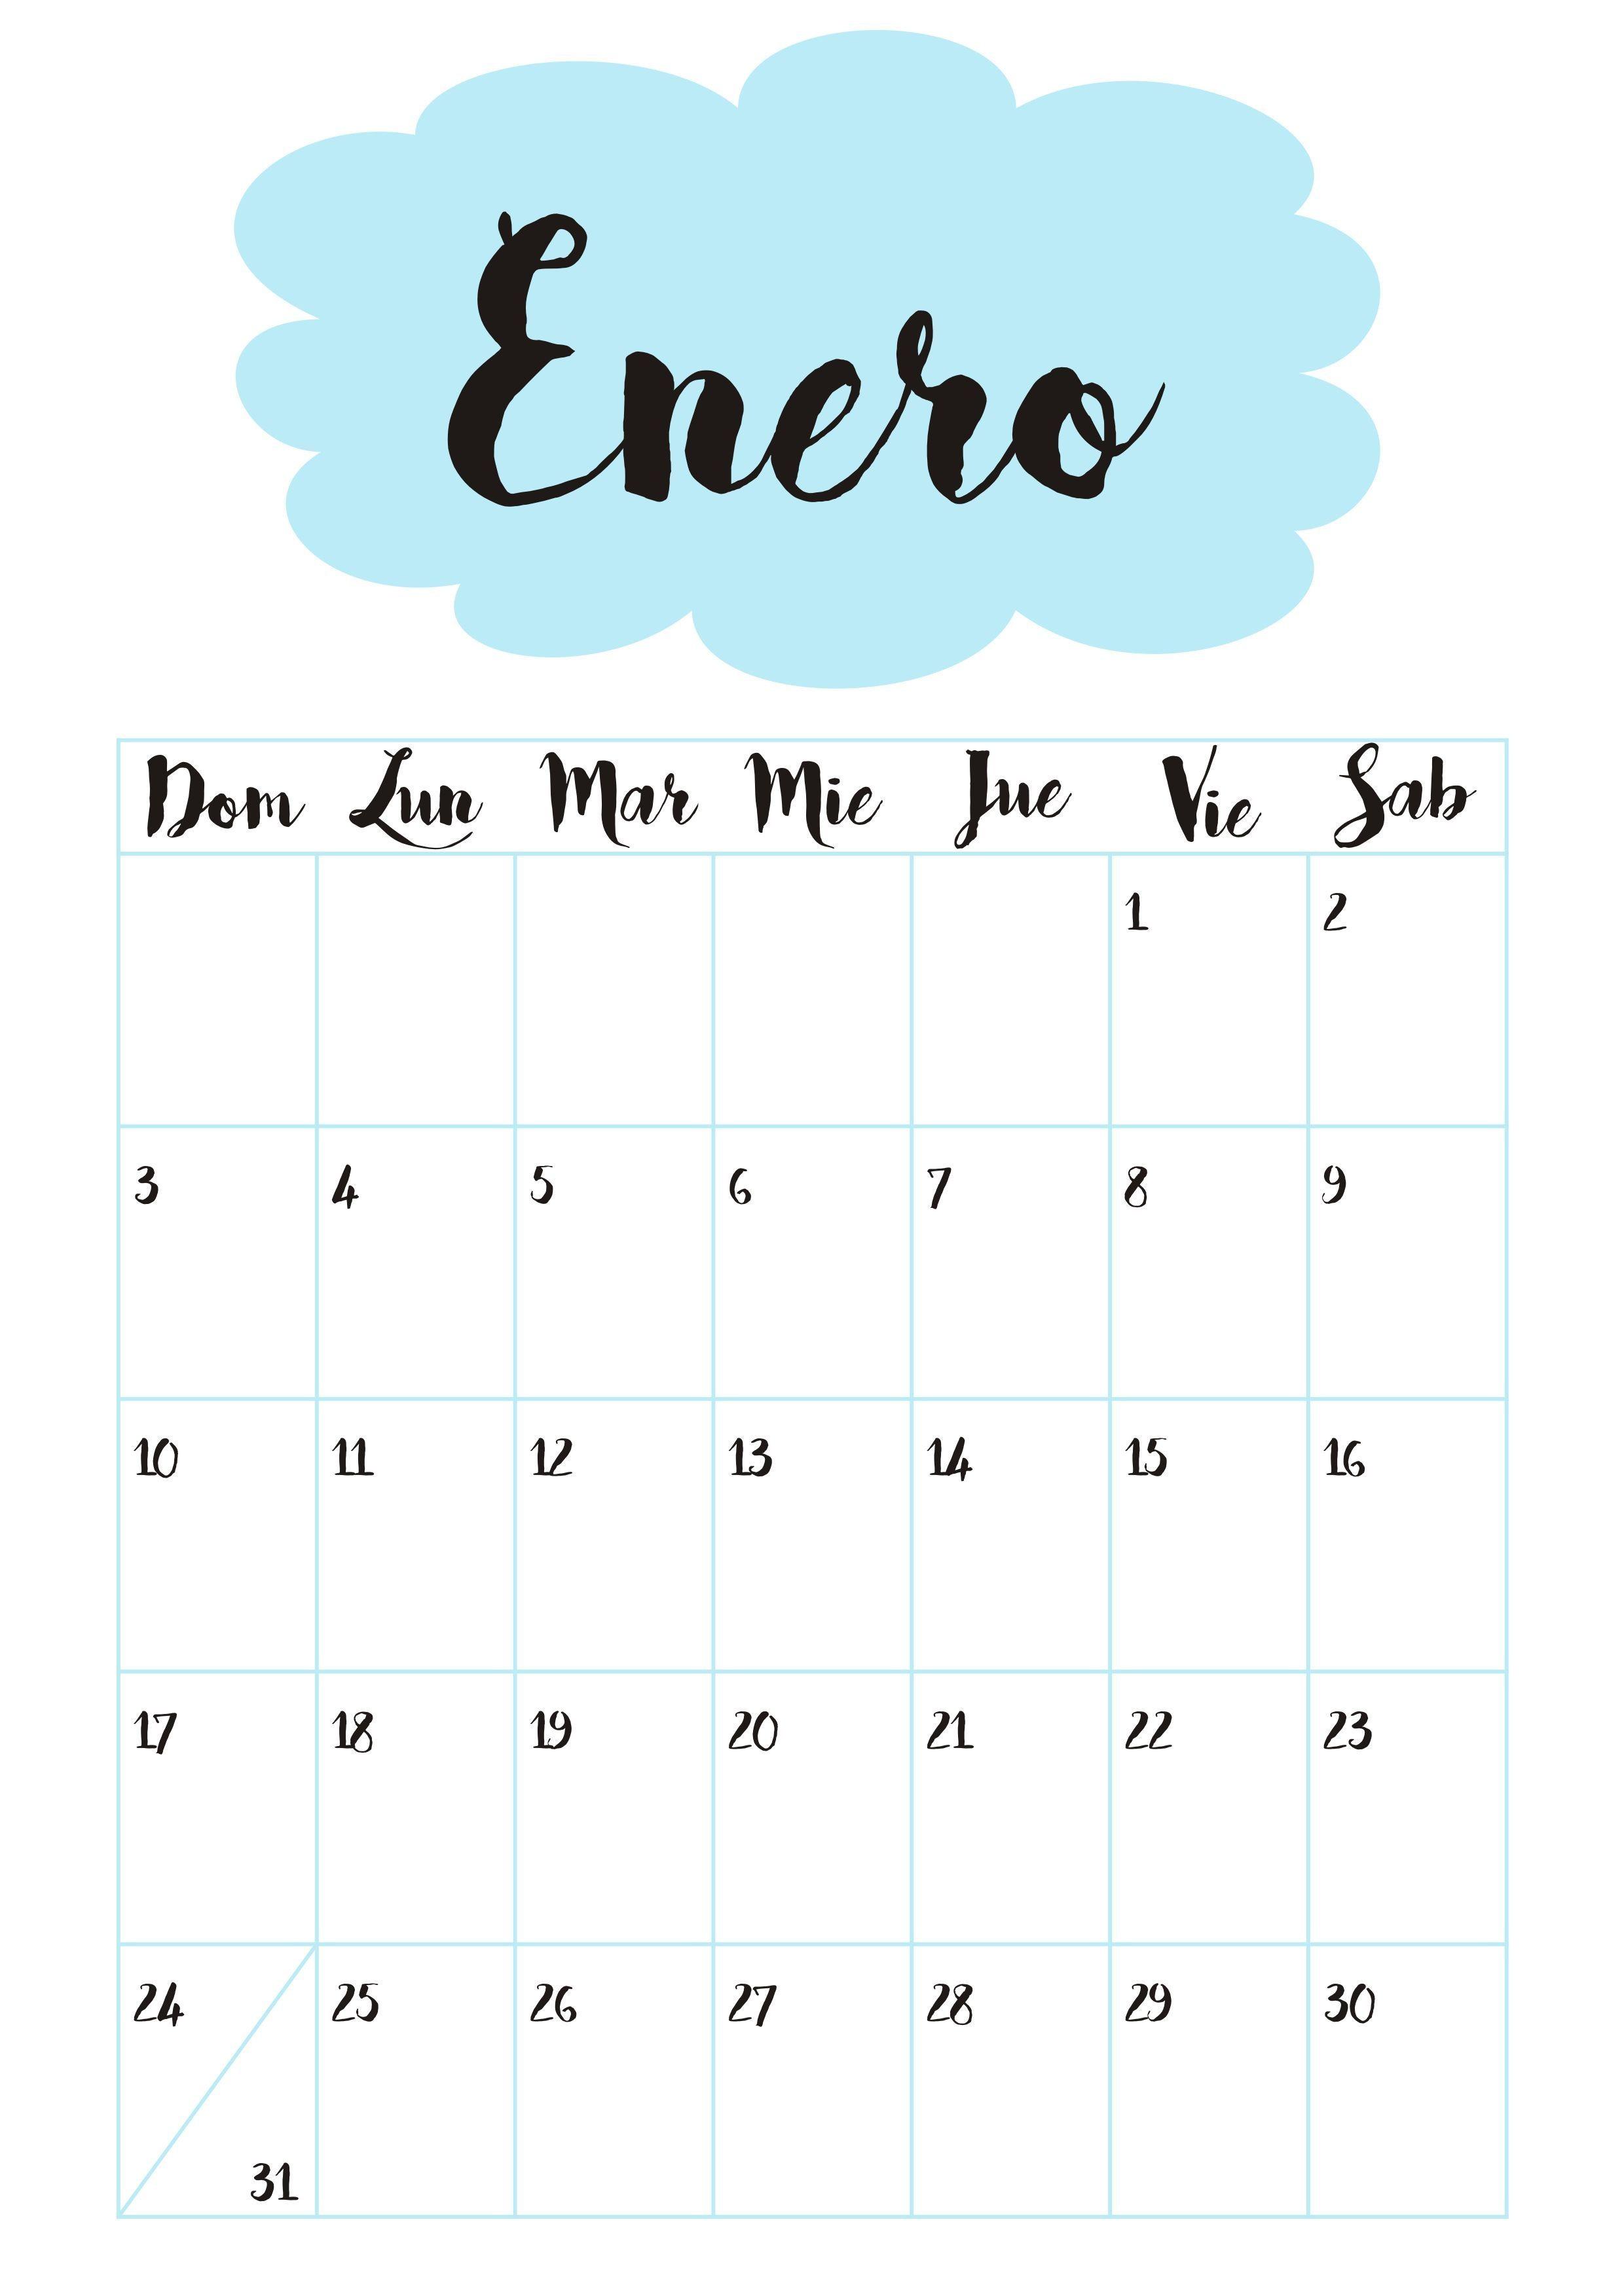 Calendario 2019 Colombia Con Lunas Más Reciente Calendario 1 Enero ☼ Calendario 2016 ☺ Pinterest Of Calendario 2019 Colombia Con Lunas Mejores Y Más Novedosos La Importancia De Cortarse El Pelo Segºn Las Fases De La Luna Abril